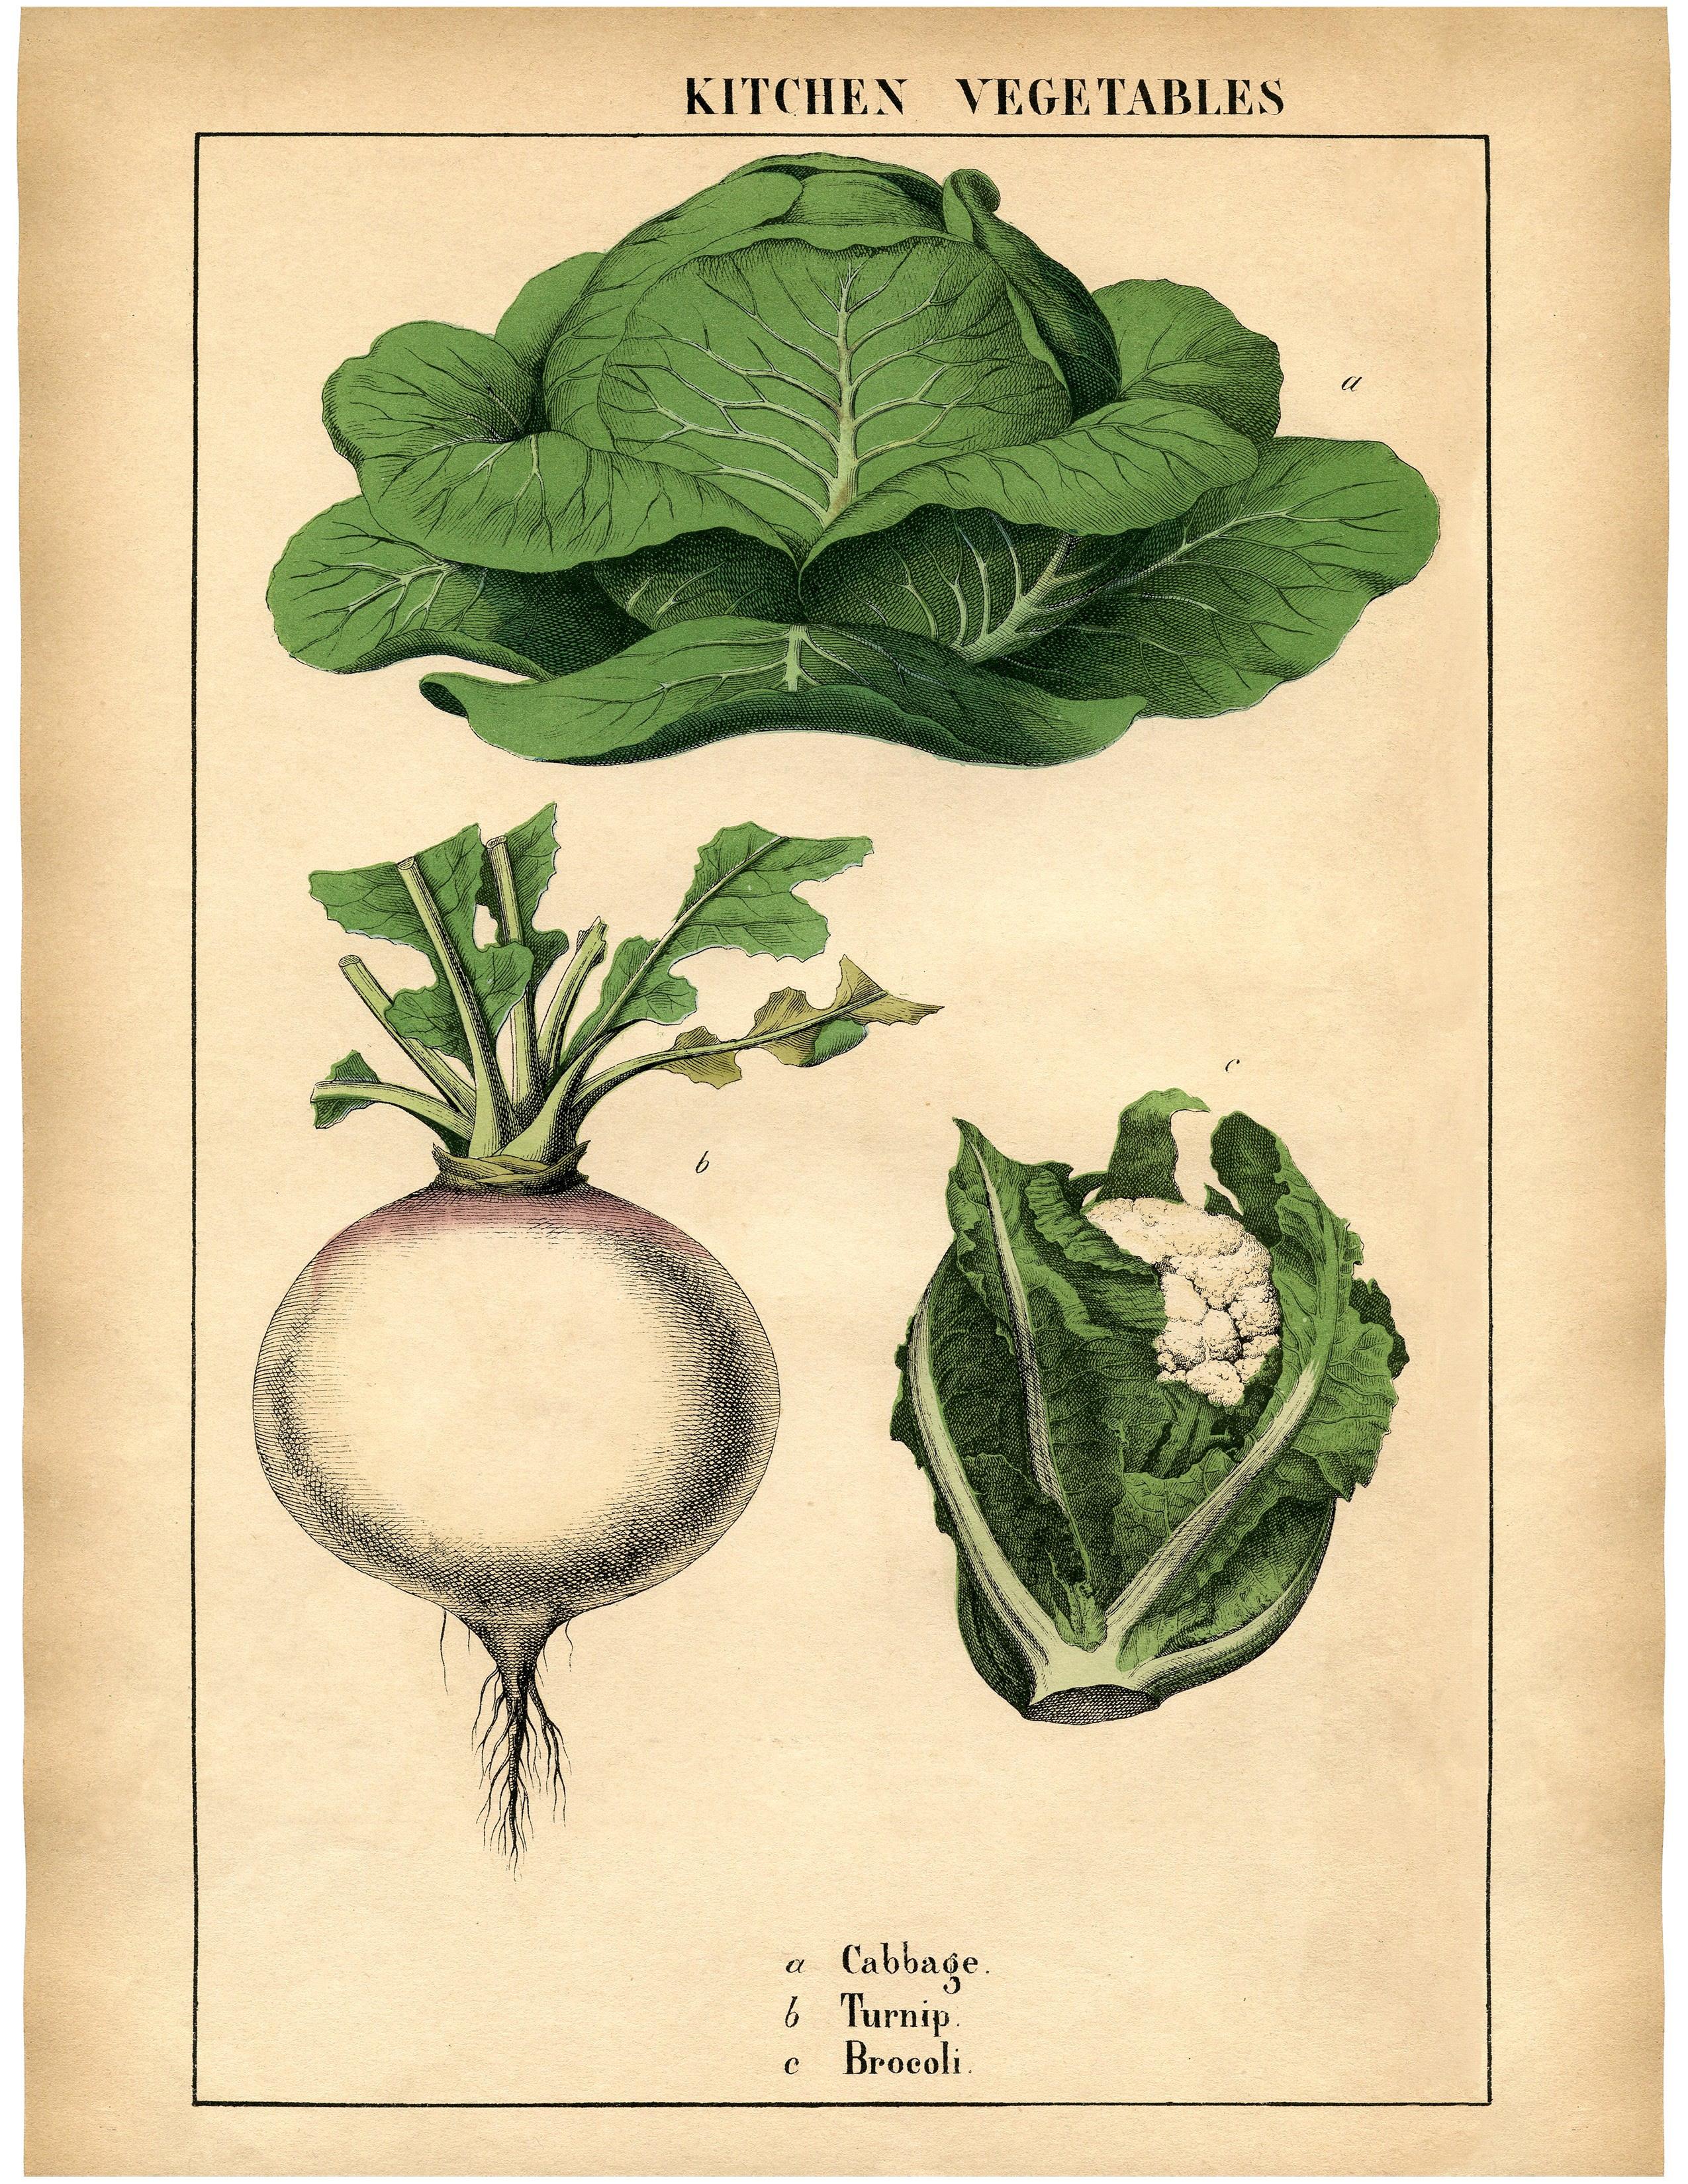 Капуста, репа, брокколи - винтажный рисунок с изображением овощей